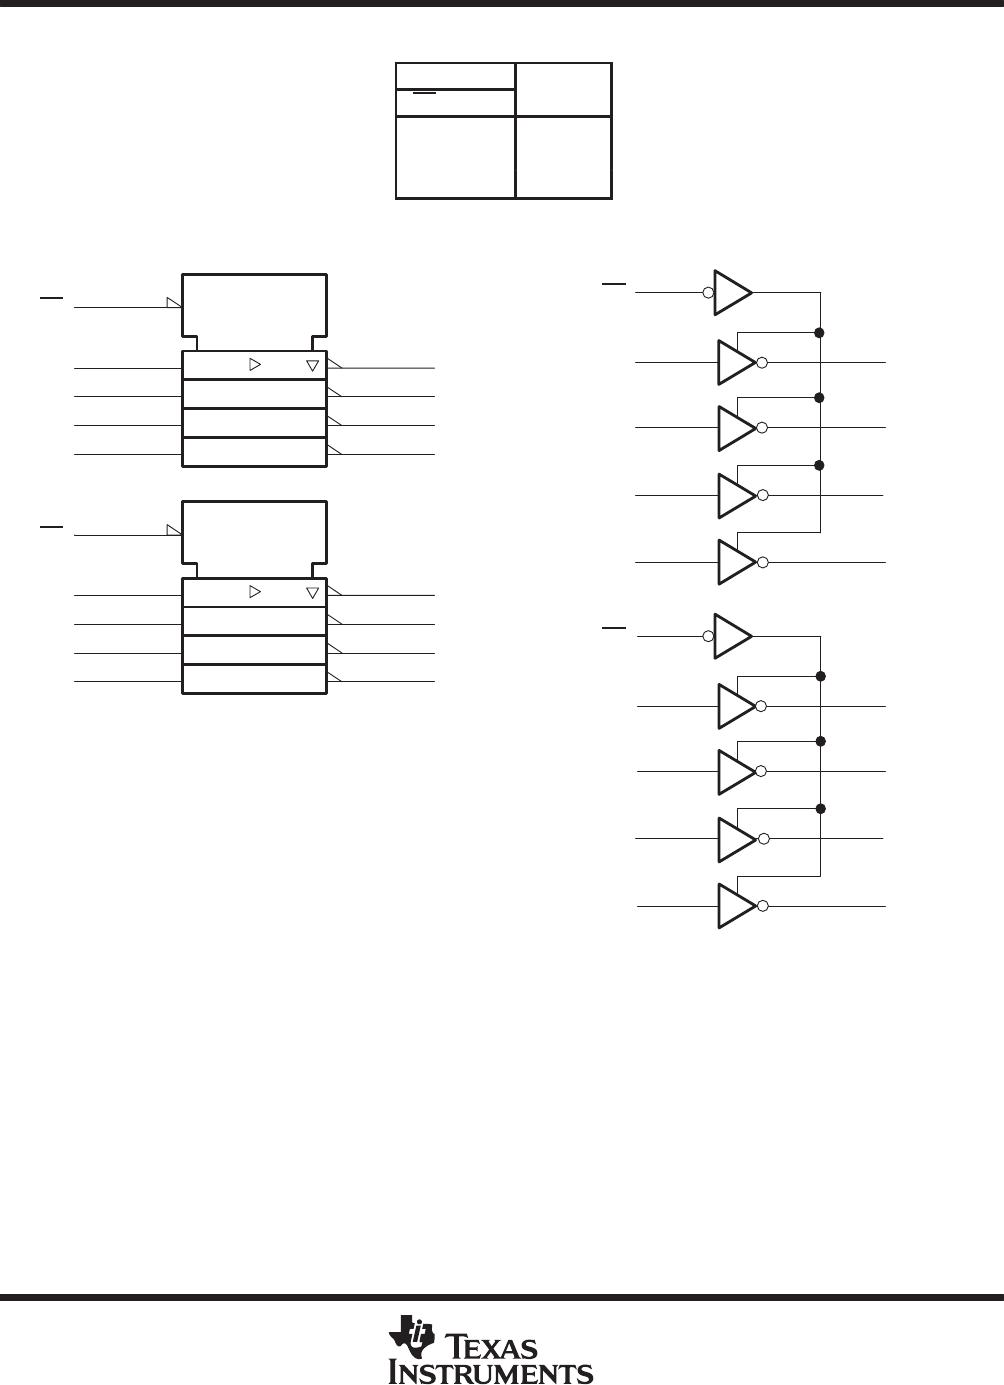 sn74lvcz240apw pdf下载及第2页内容在线浏览